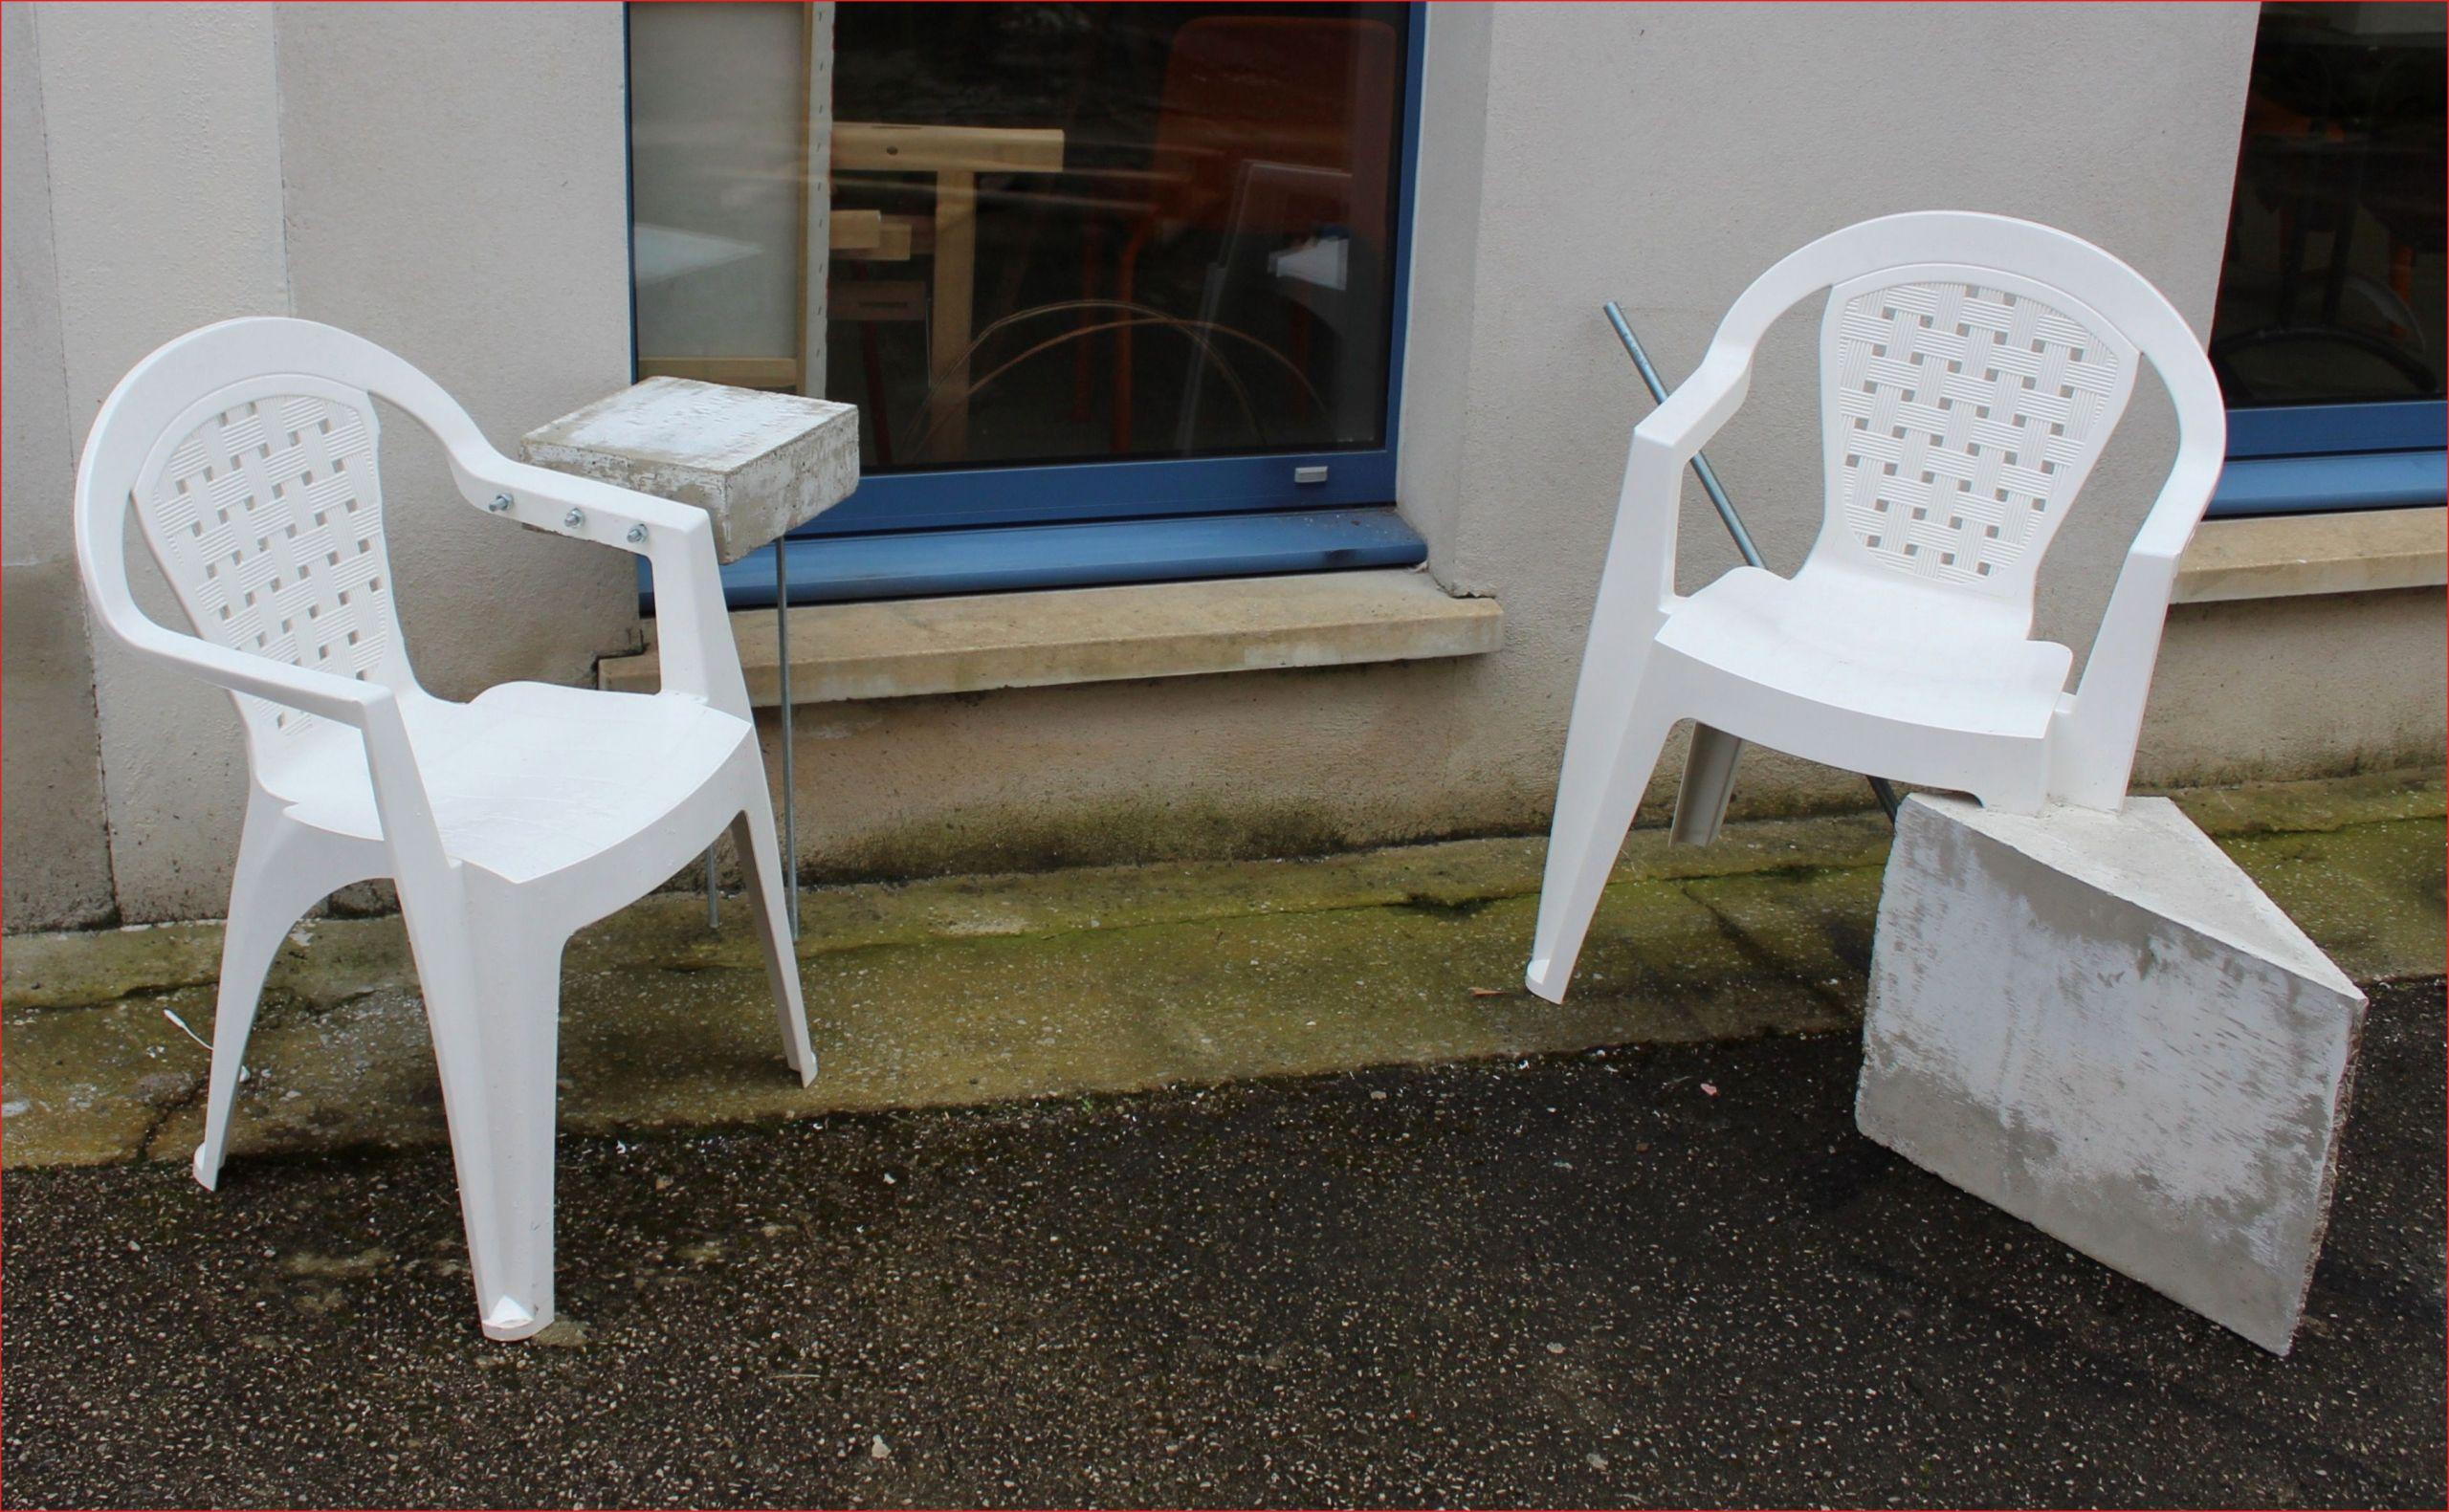 fauteuil de jardin en bois luxe fac2a7ons de fauteuil bois image de fauteuil decoratif de fauteuil de jardin en bois scaled